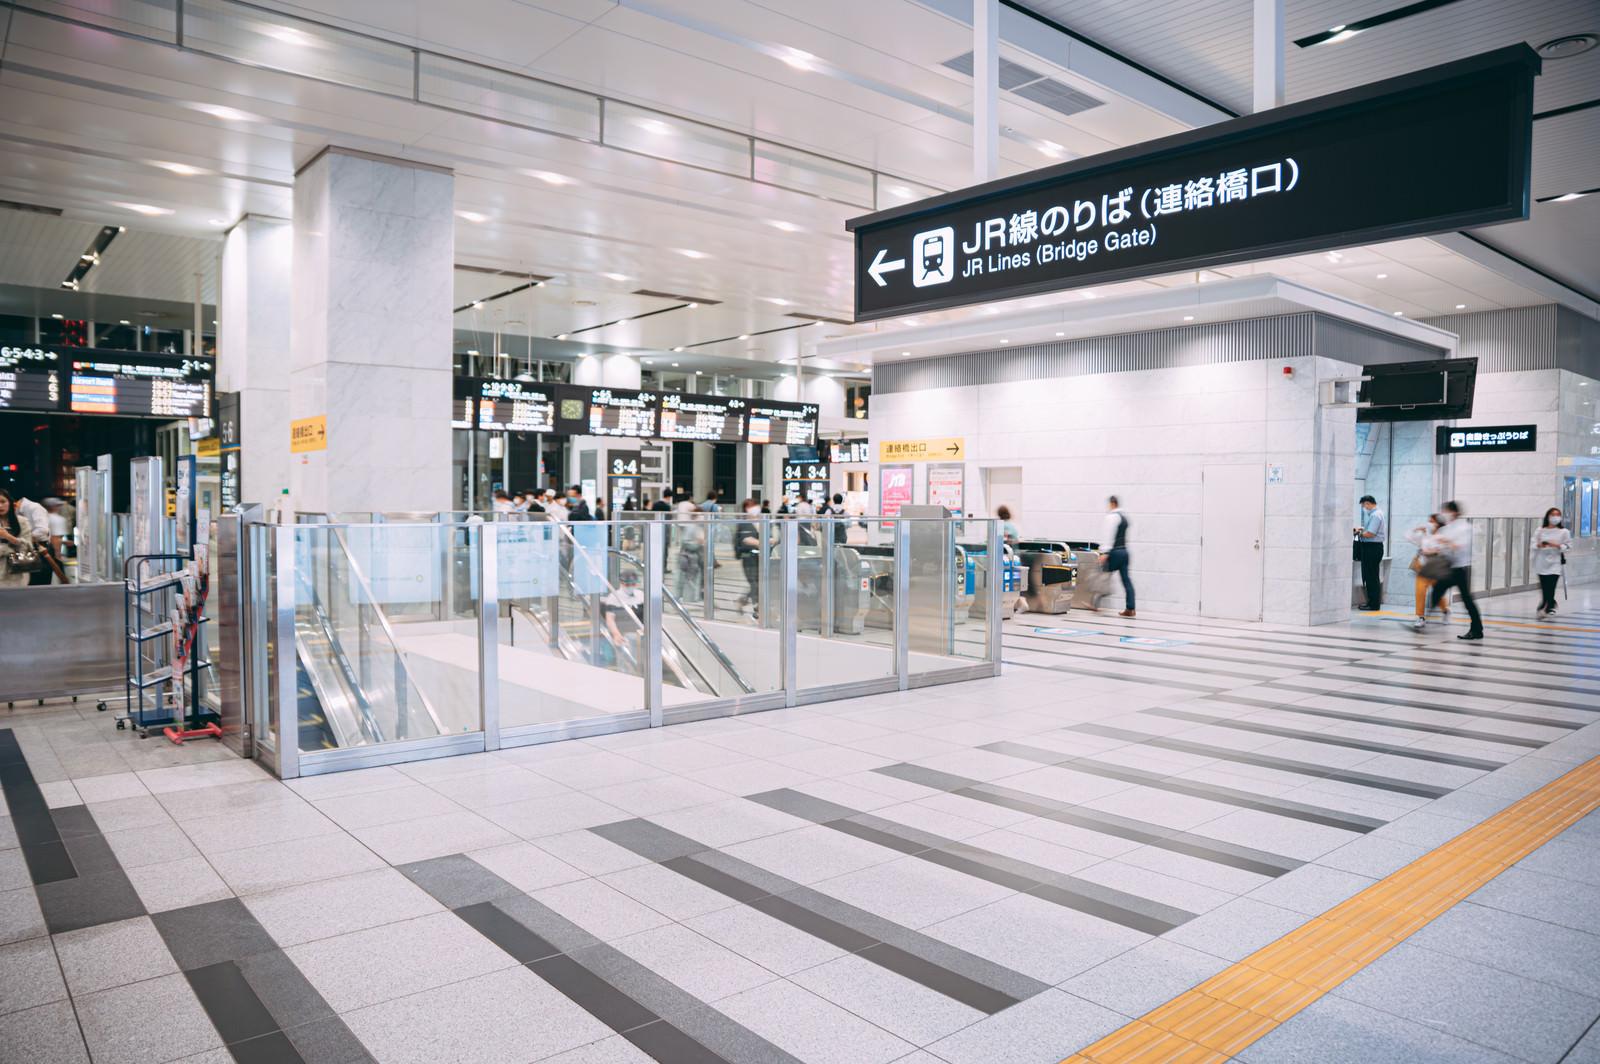 「大阪駅のJR連絡橋口」の写真